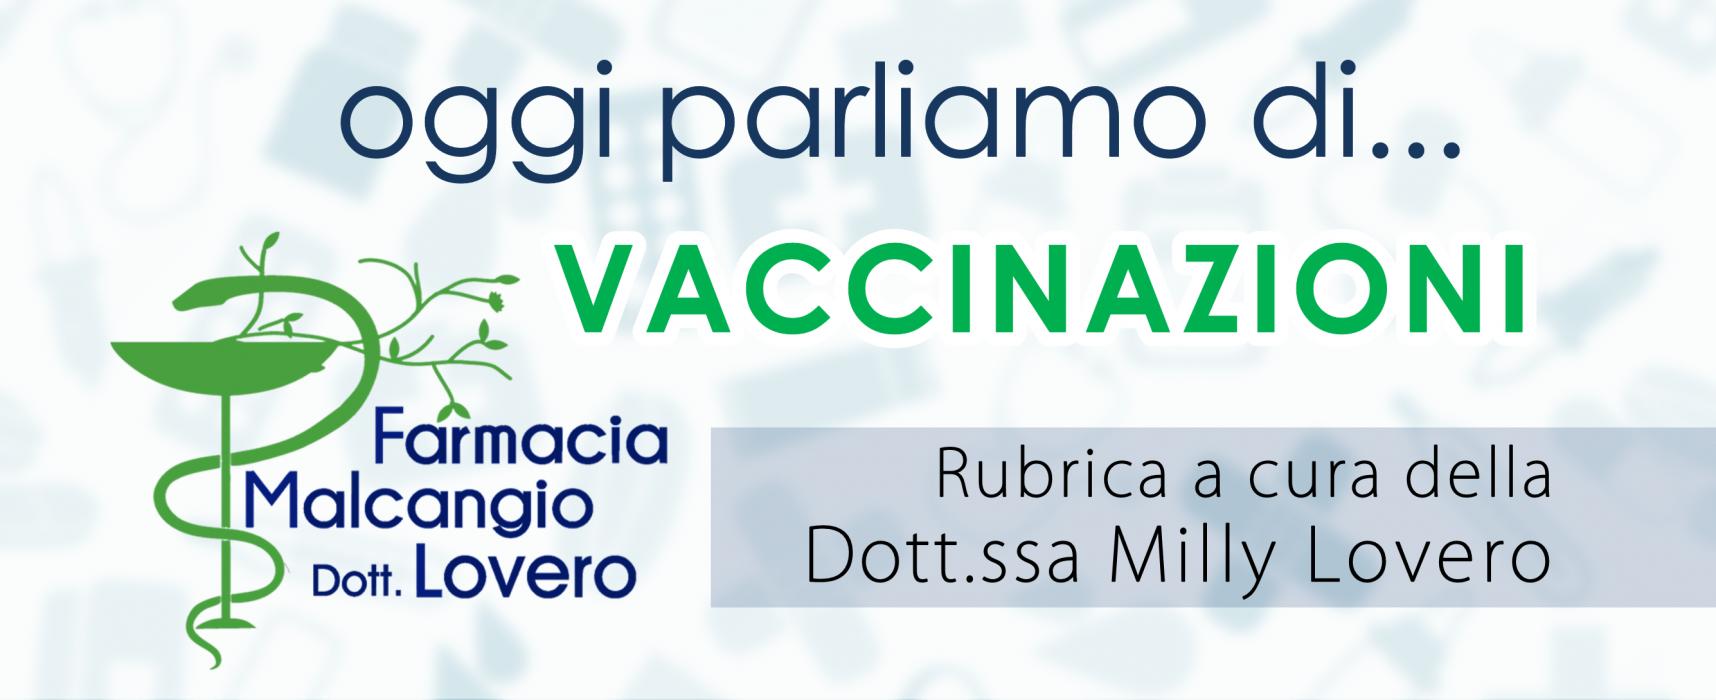 Oggi parliamo di…Vaccinazioni, rubrica a cura della Dott.ssa Milly Lovero